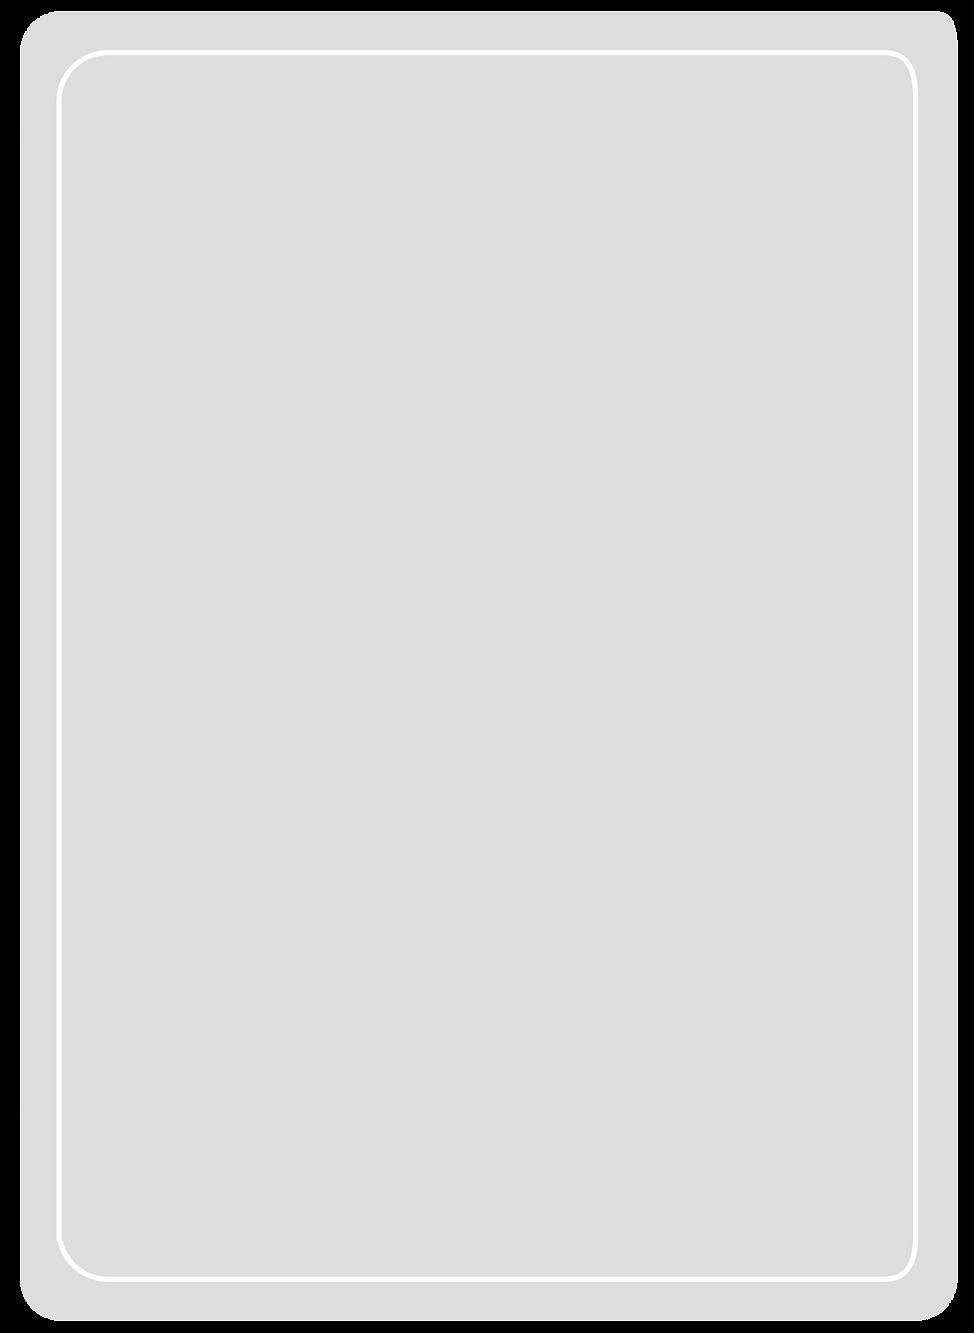 רקע אפור לטקסט אודות ד״ר שרון ליפשיץ אשווגה